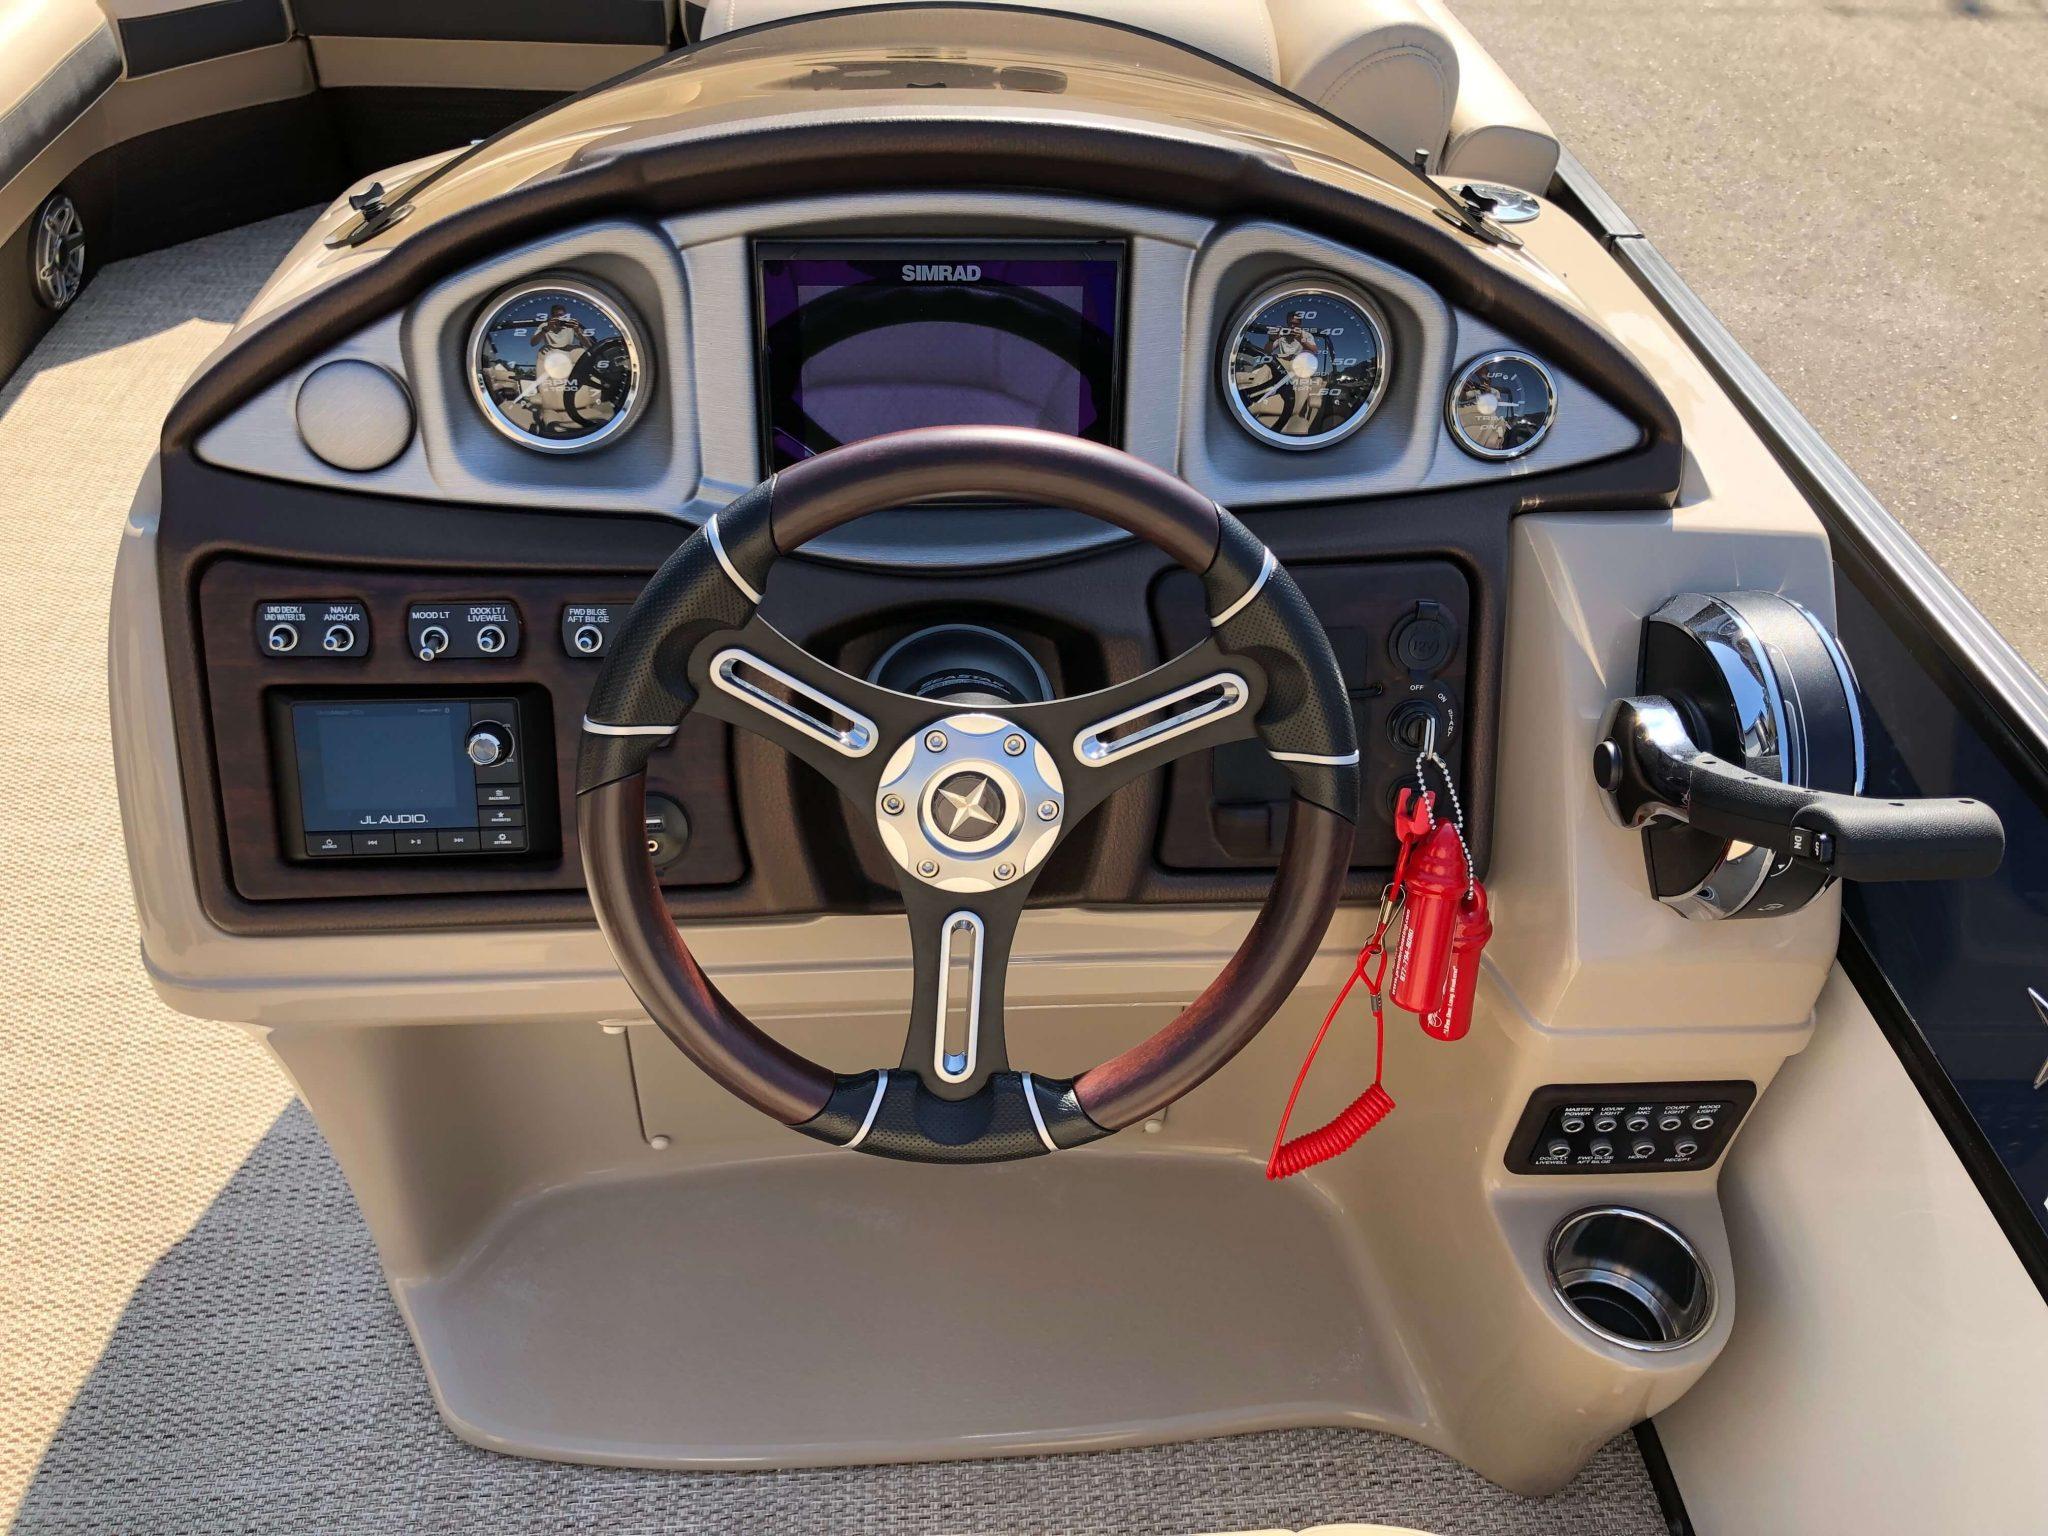 2019 Berkshire 25RFX STS Luxury Tritoon Dash 2